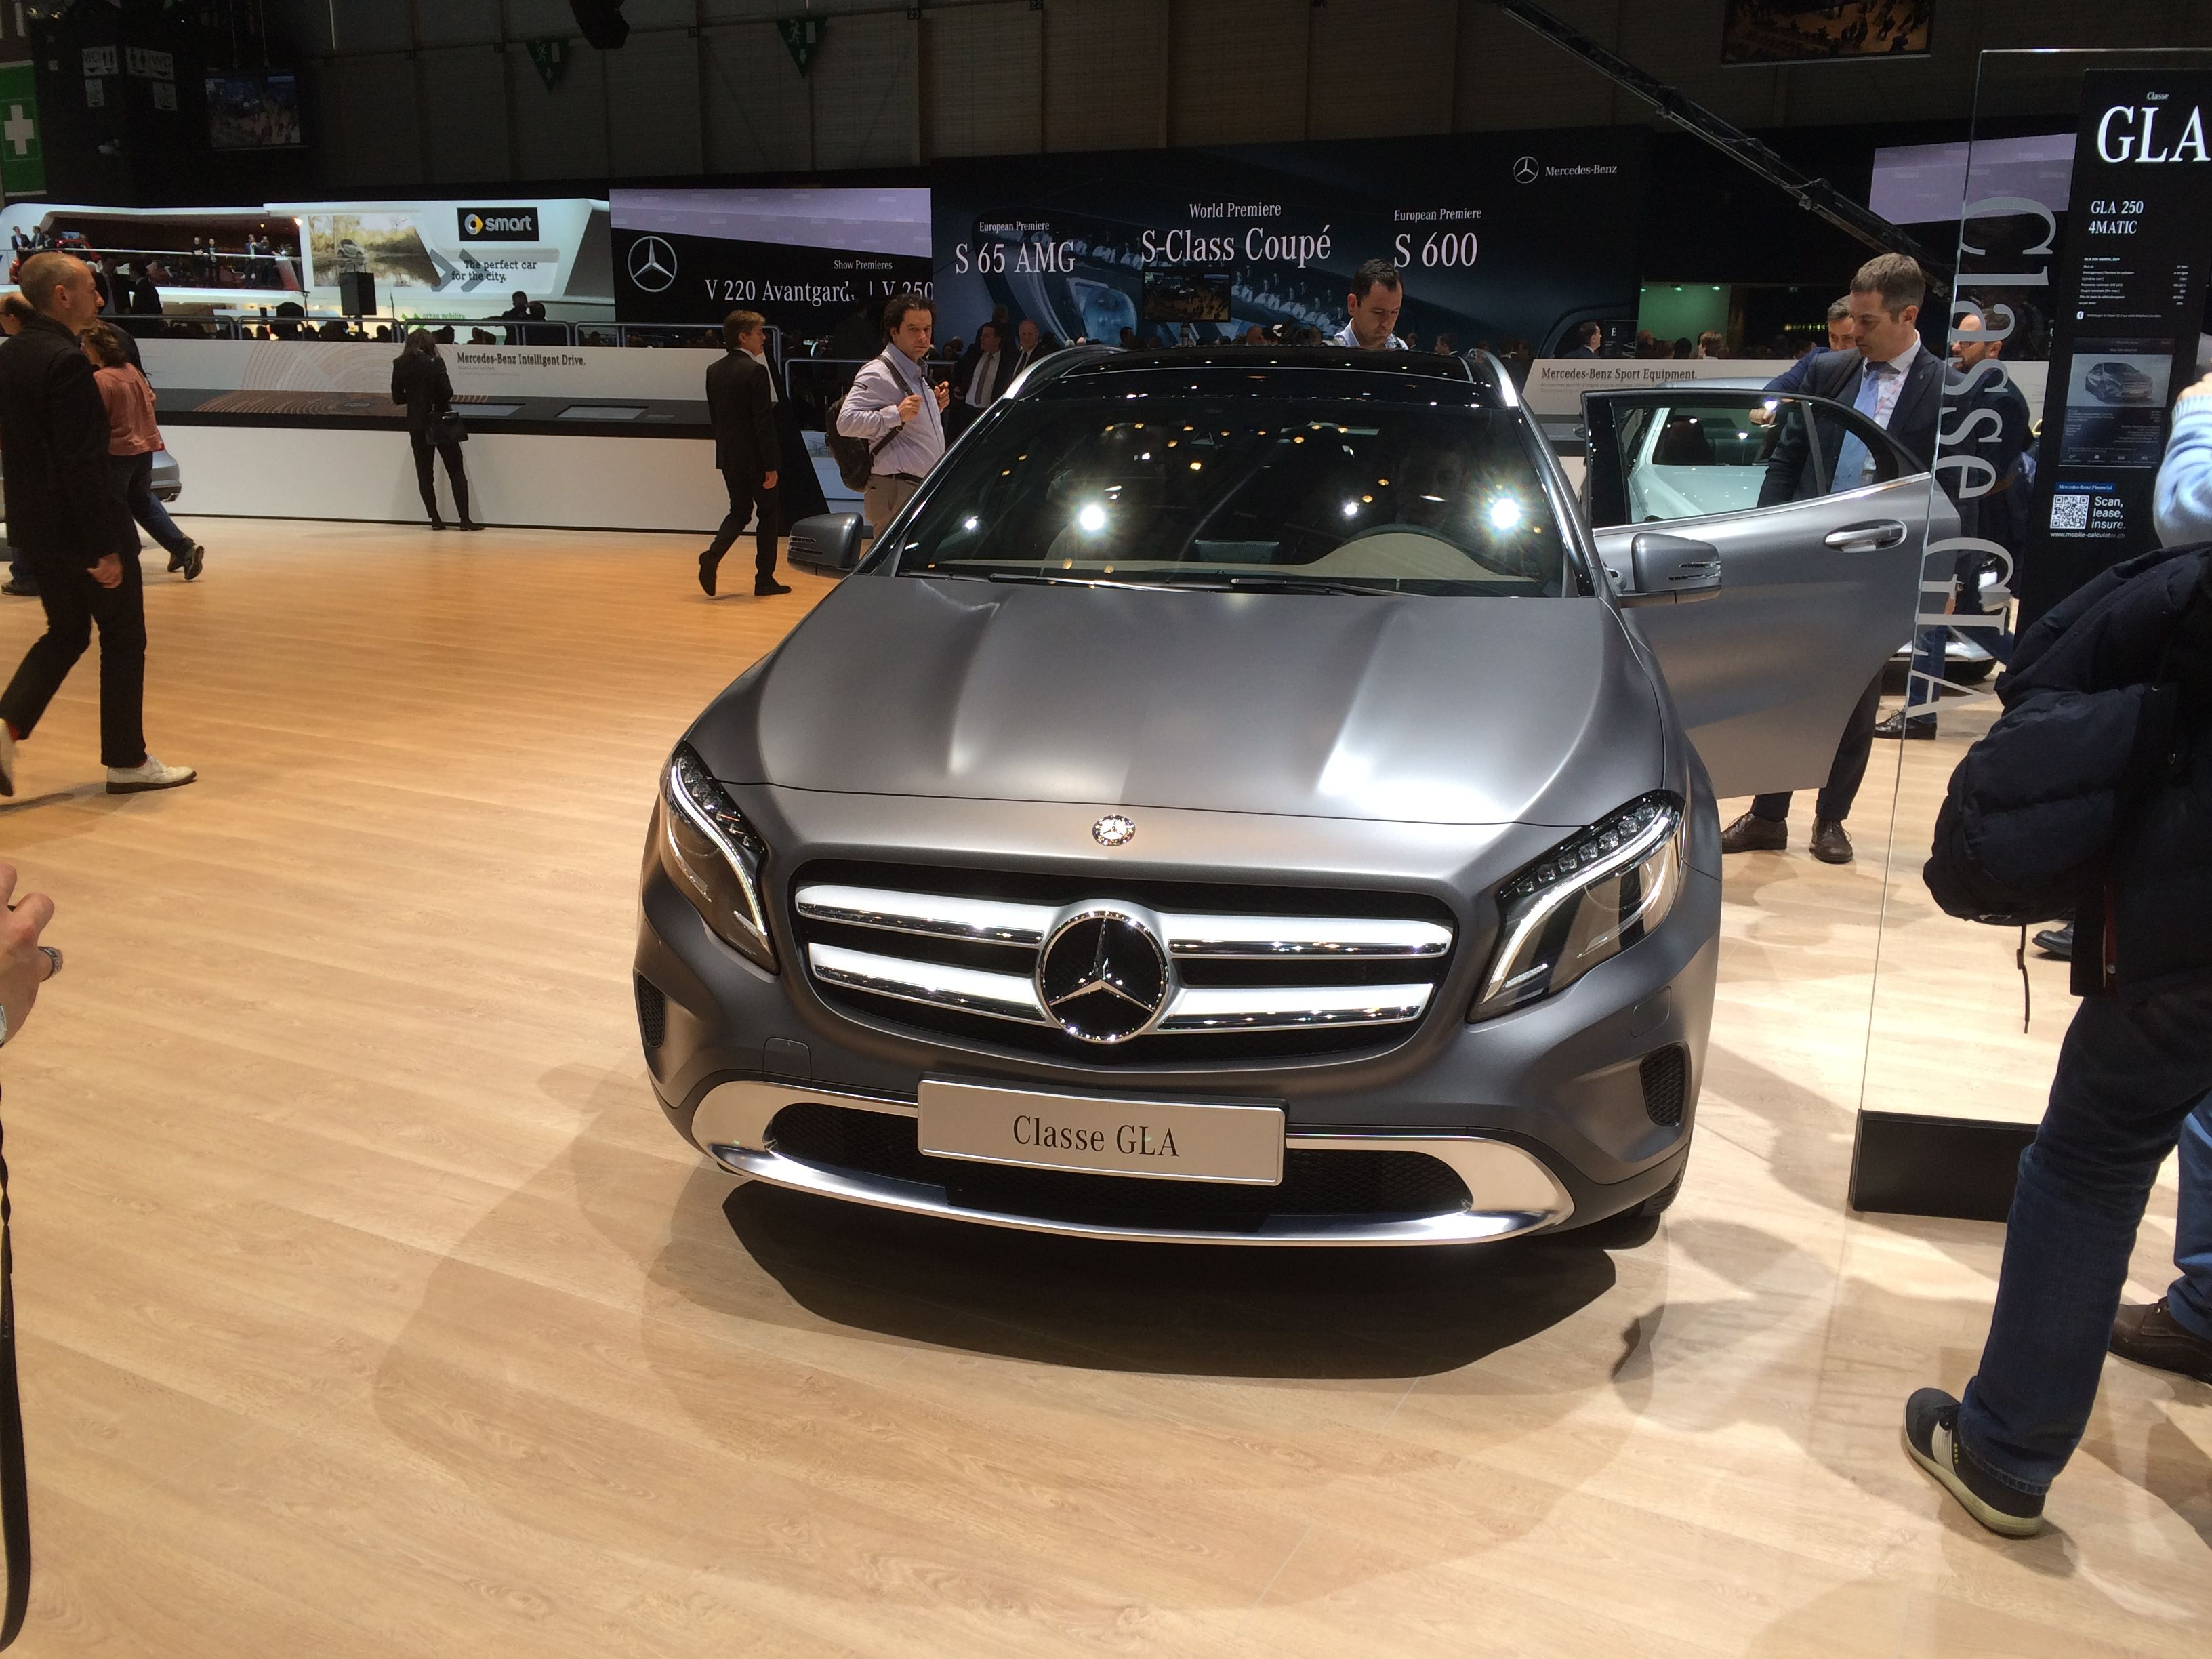 Mercedes GLA. Hvis jeg skulle købe en bil fra udstillingen (vel at mærke en, som jeg kunne få råd til), så blev det GLA!